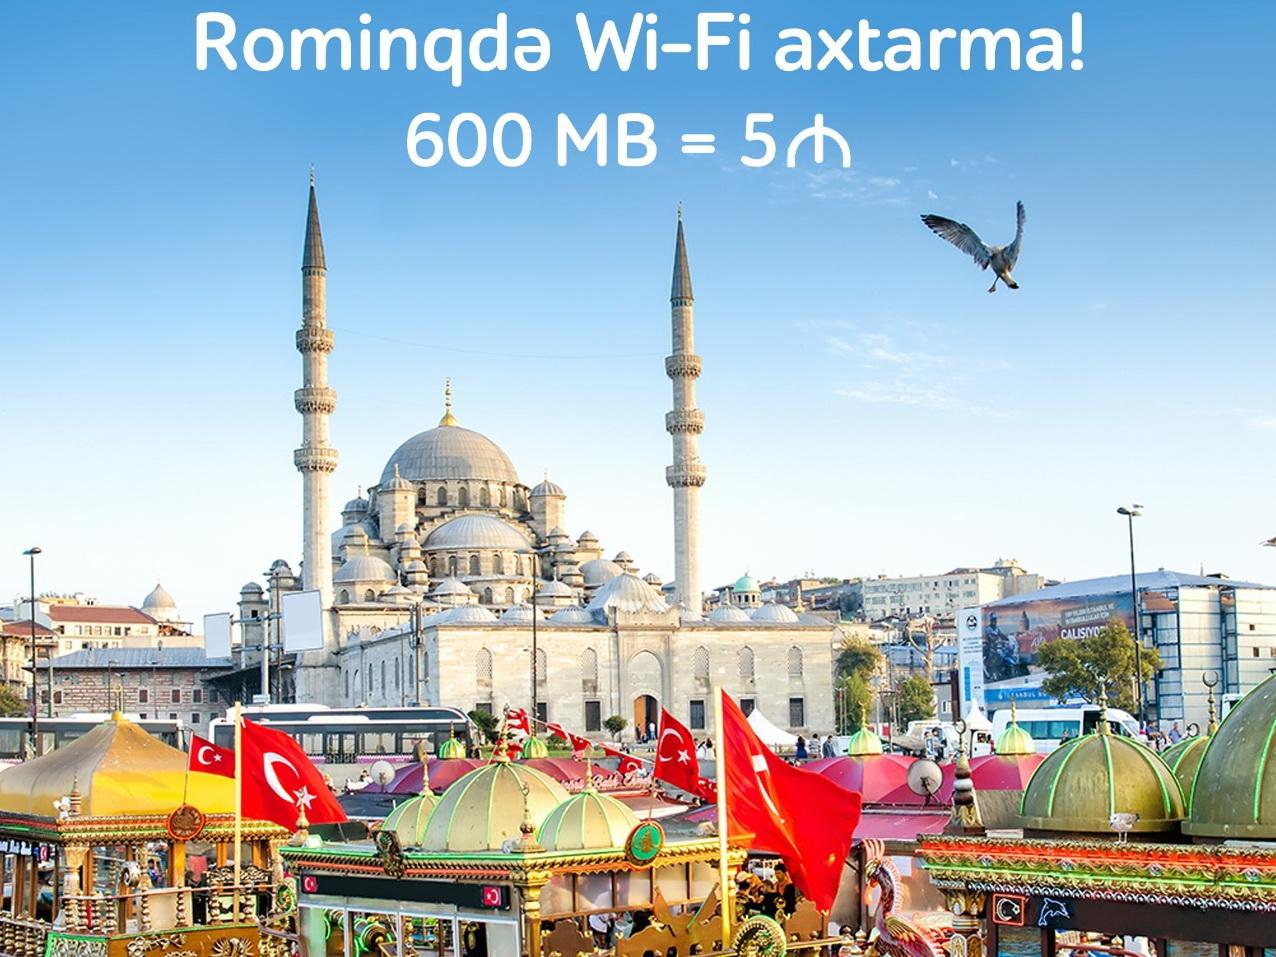 Выгодный роуминг-пакет от Nar для тех, кто путешествует в Турцию